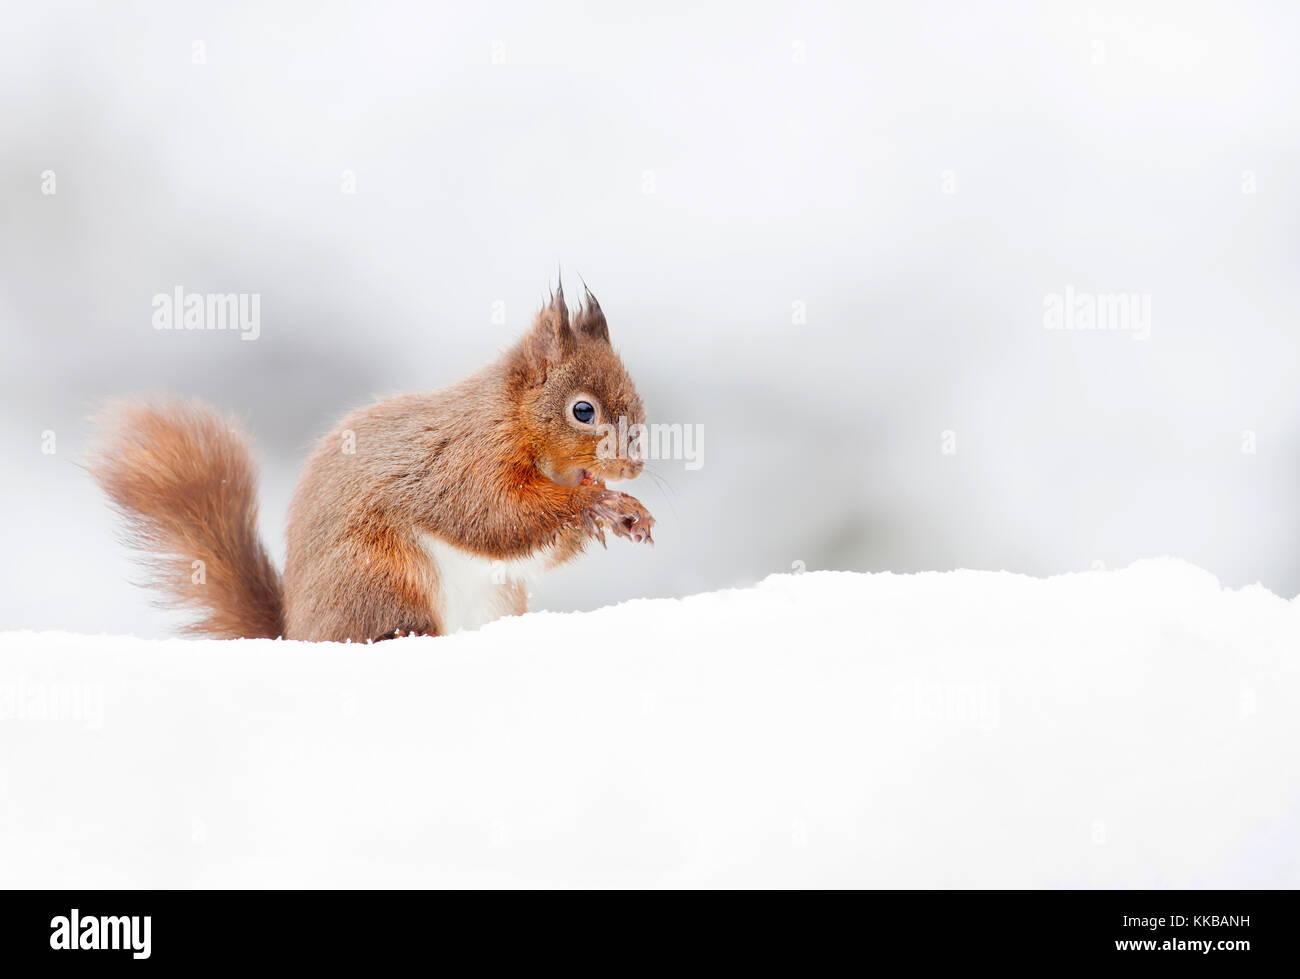 Eichhörnchen sitzend im Schnee im Winter, Großbritannien Stockbild